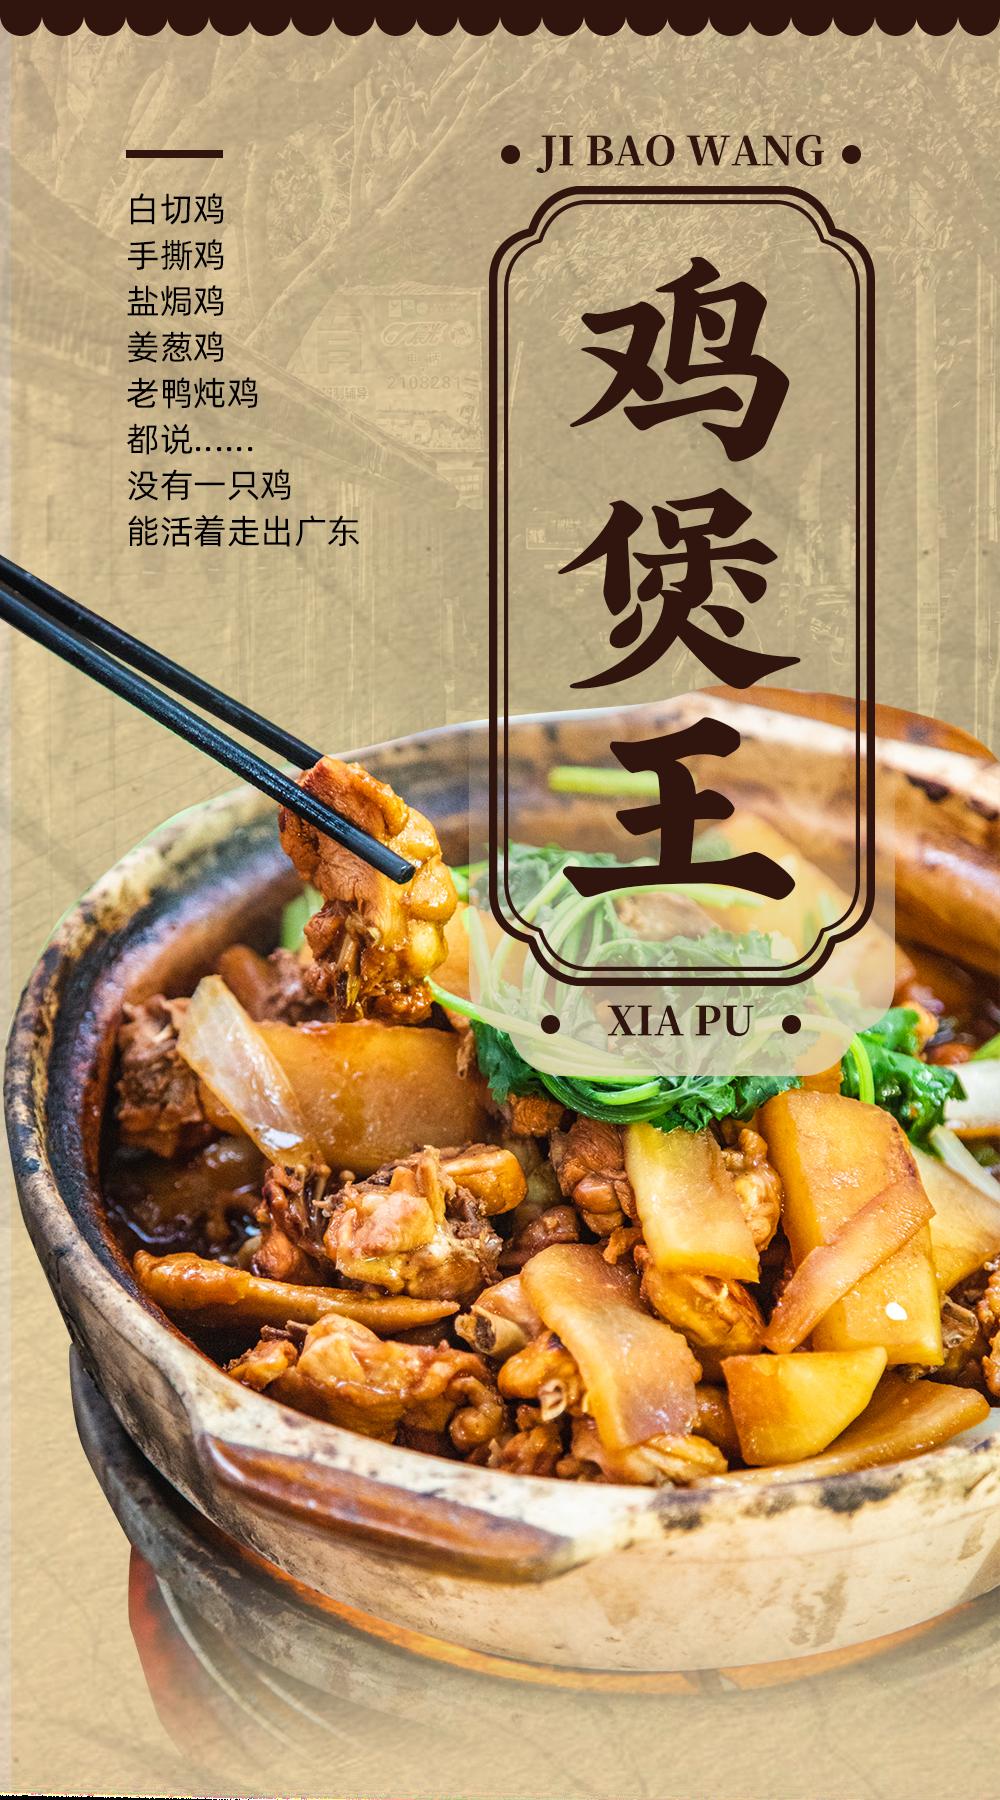 惠城有�g藏得很深的�u煲小店,每天只�u30煲,去晚了吃不到